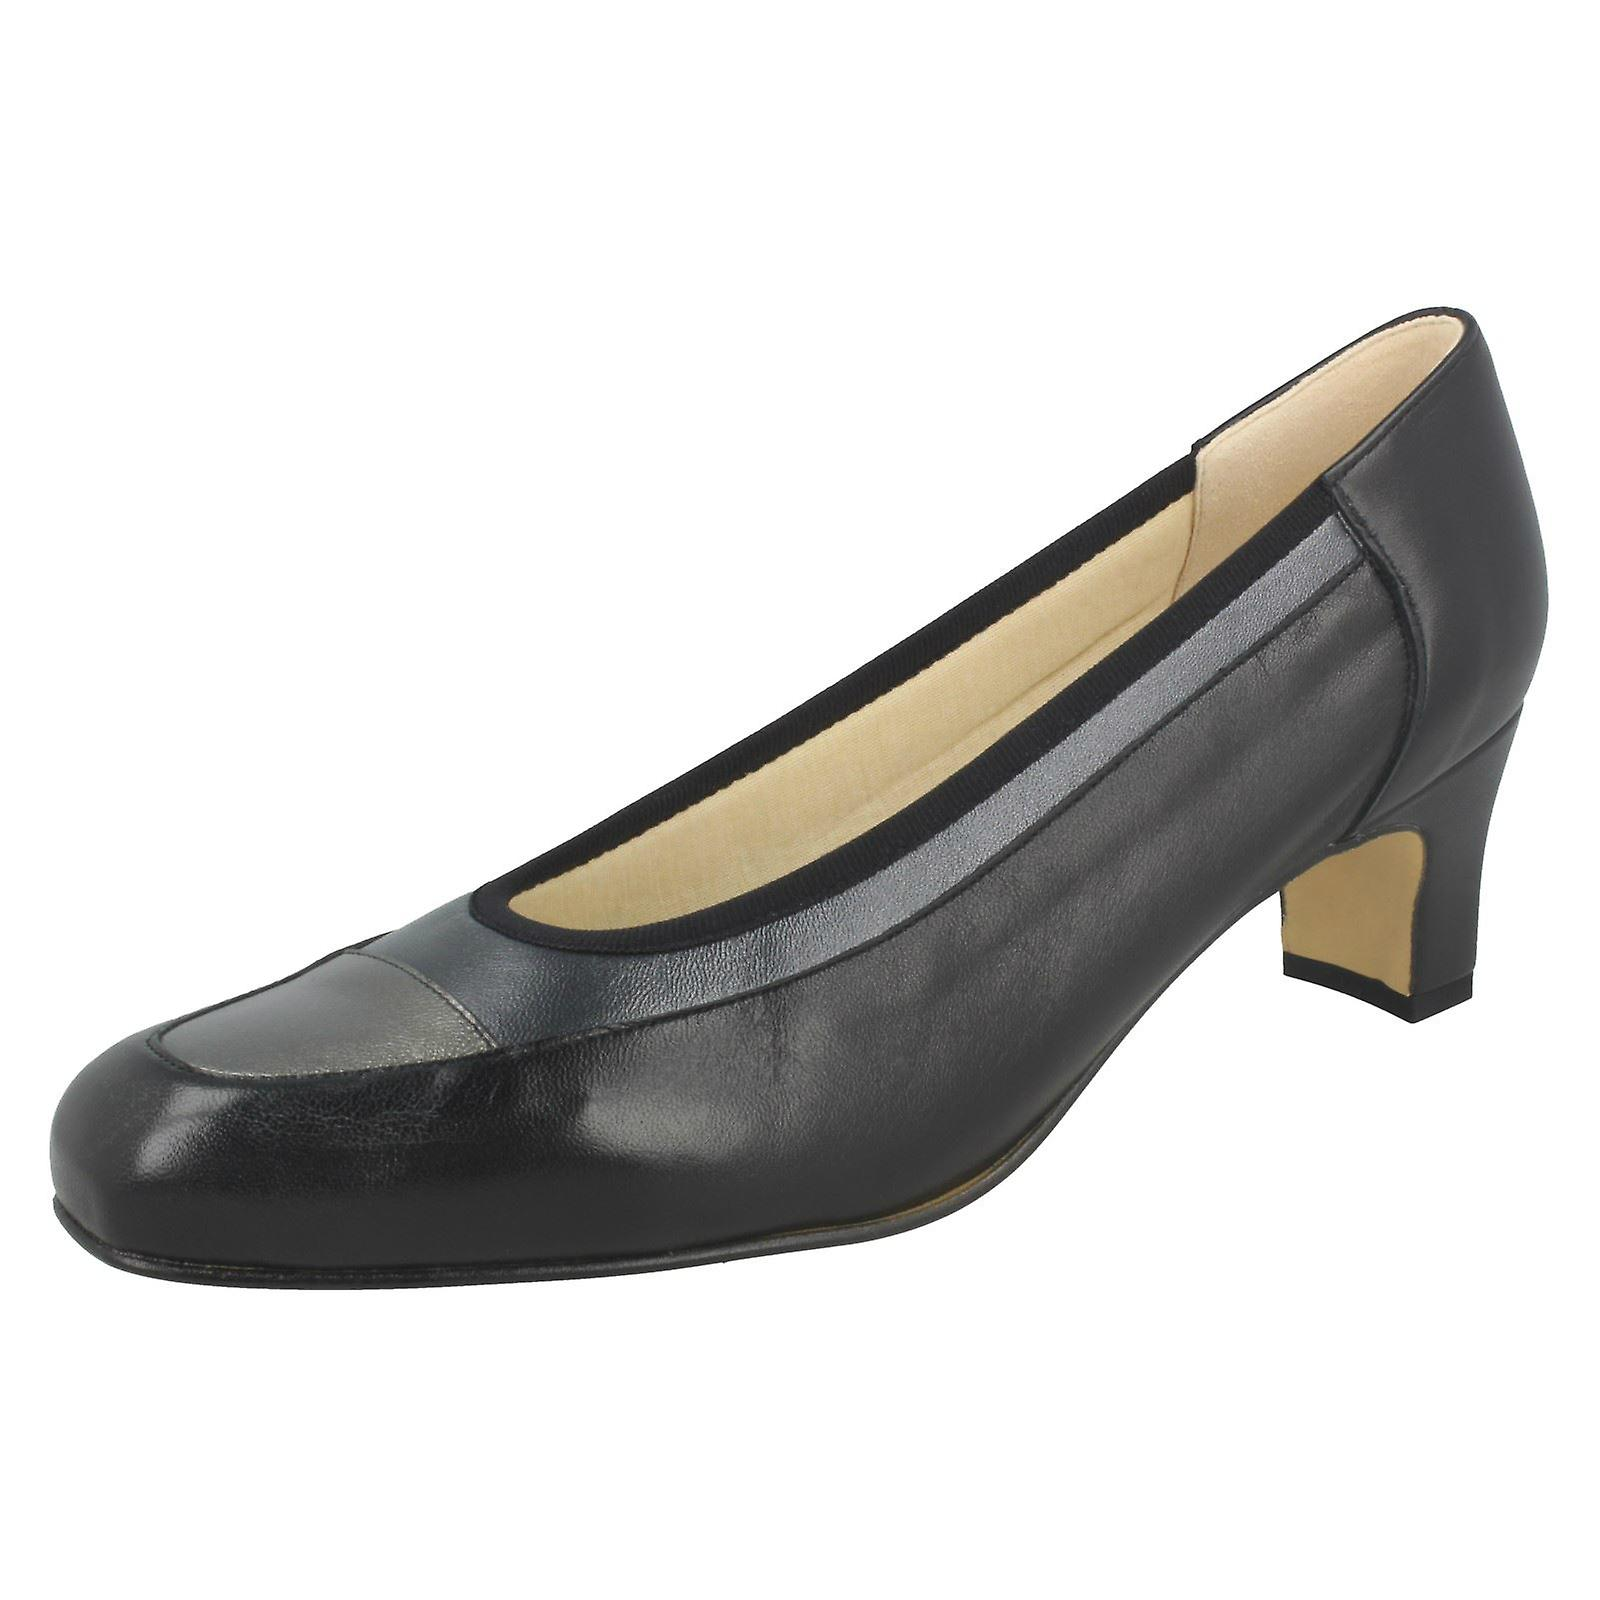 Ladies scarpe Nil similitudine stretto raccordo Corte Arkansas | Prezzo Ragionevole  | Uomo/Donna Scarpa